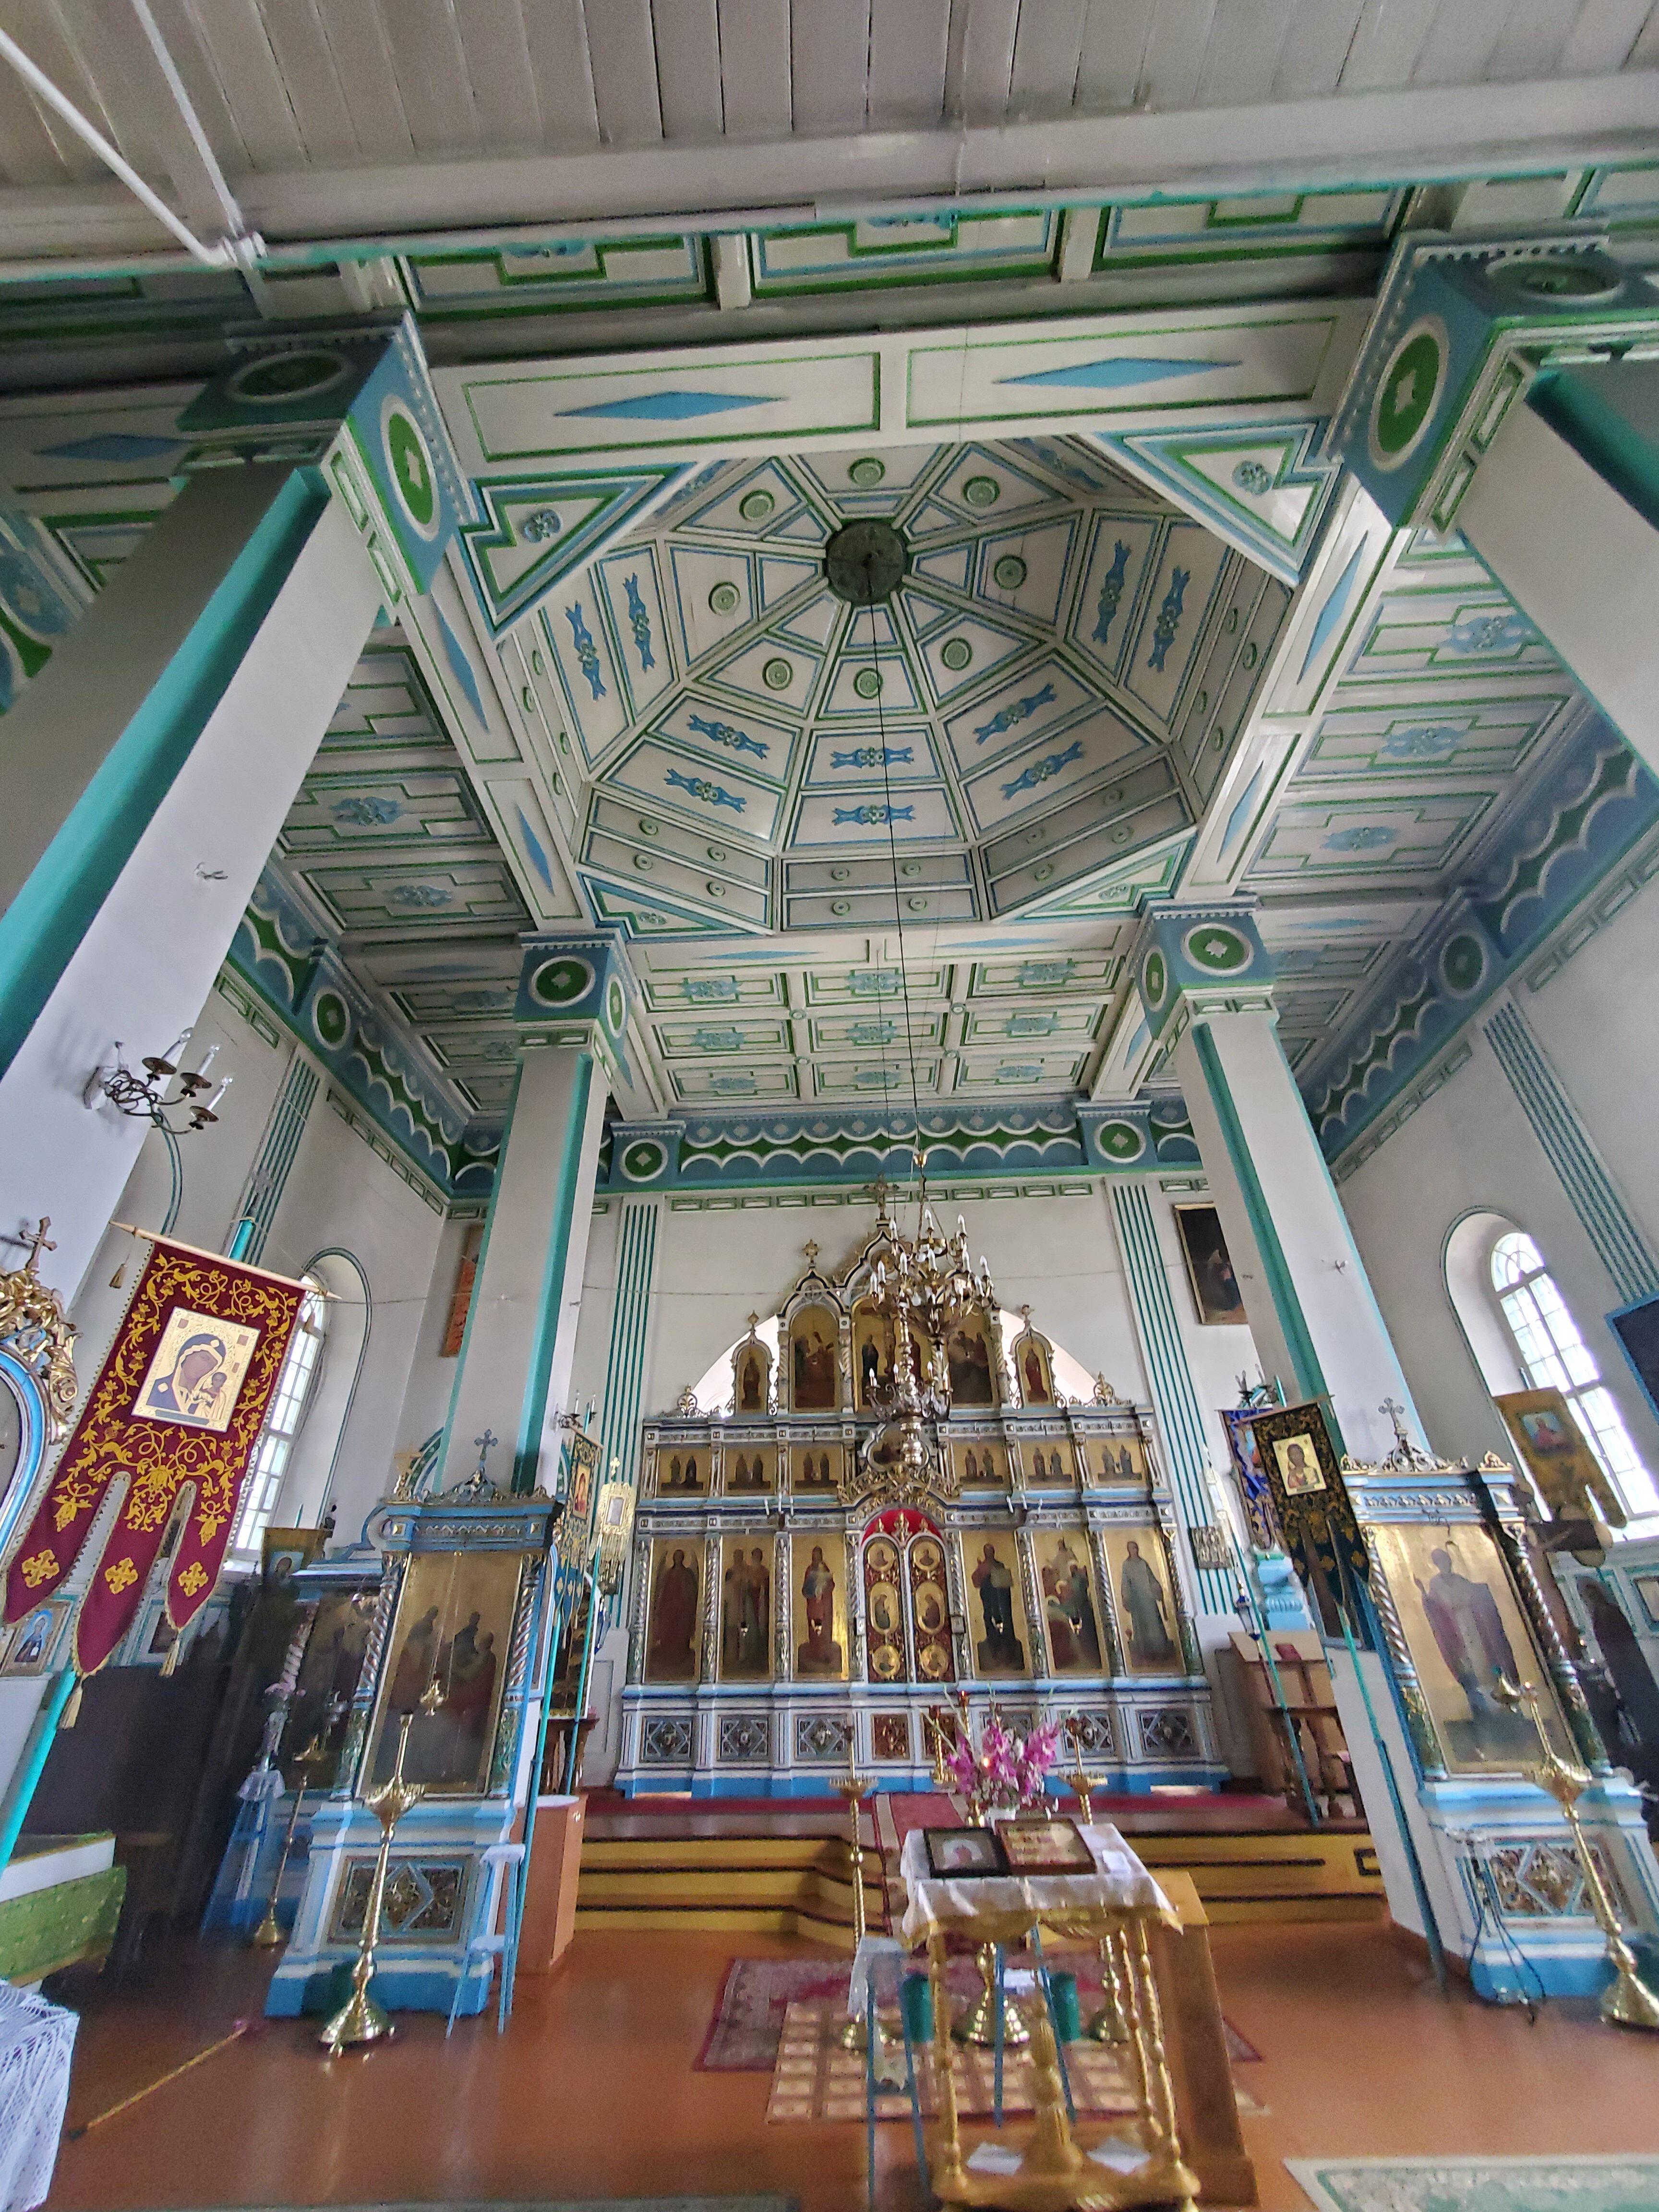 20200801 114508 rotated - Церковь Успения Пресвятой Богородицы в Браславе